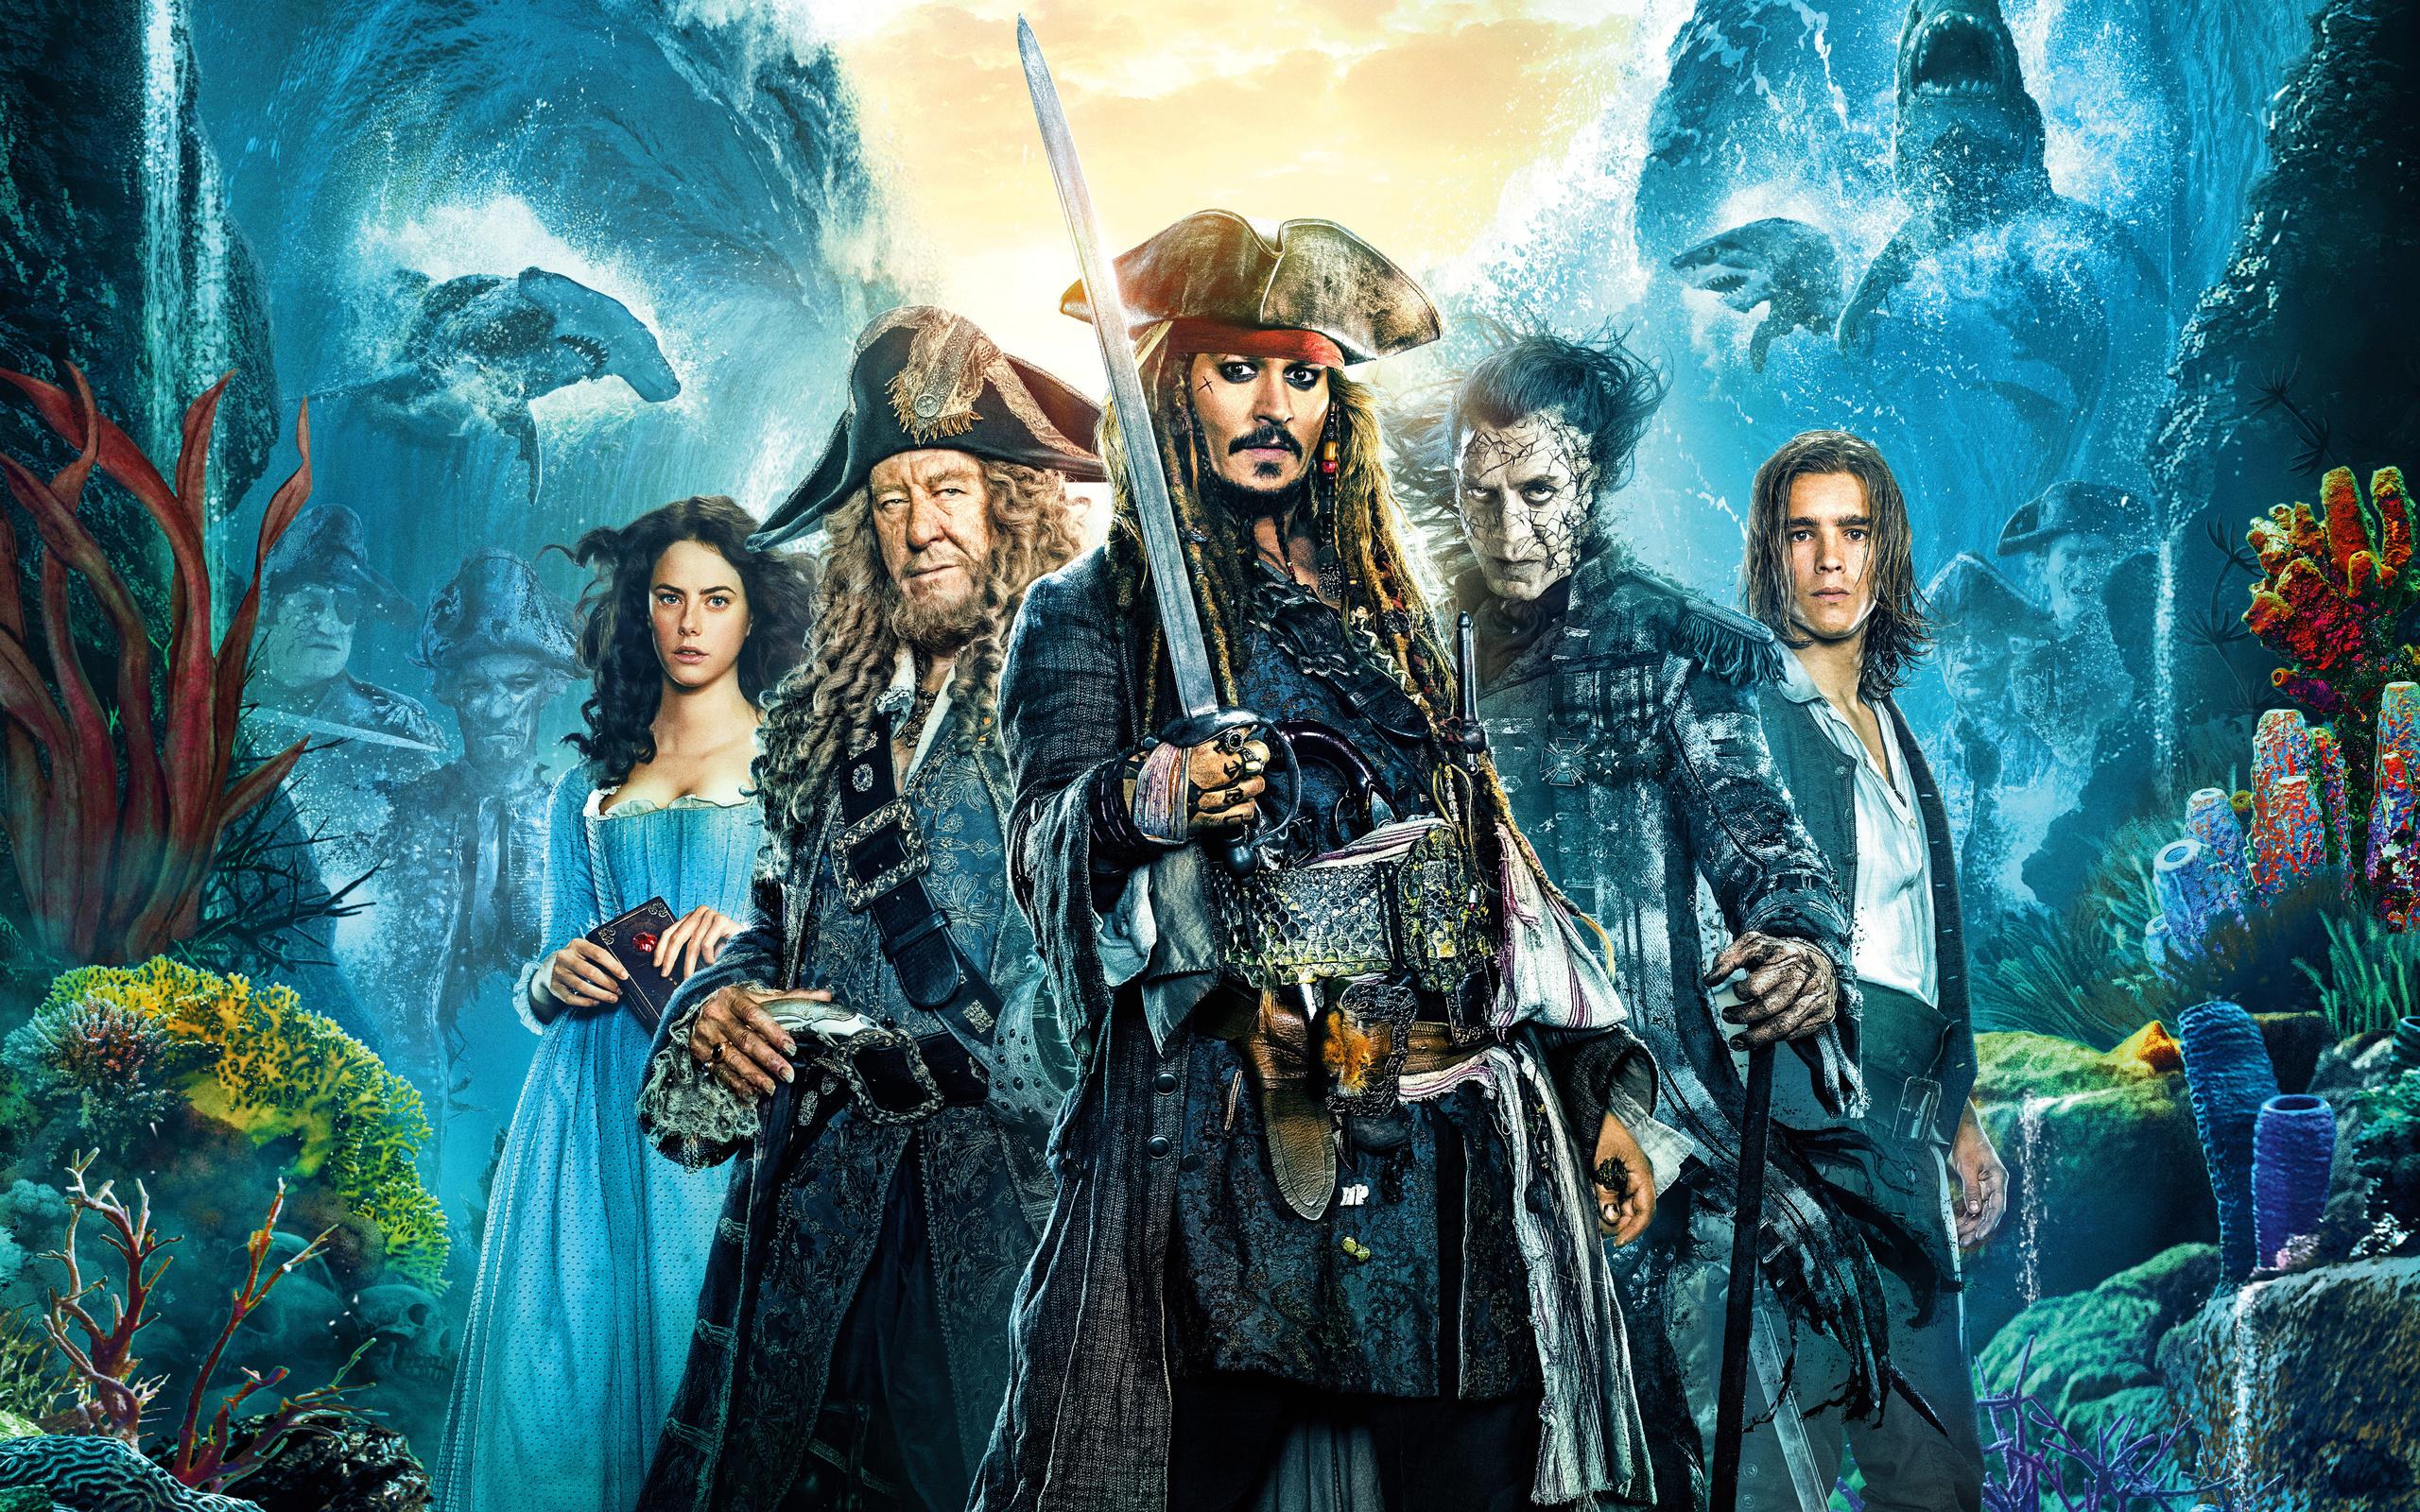 Мумия фильм 2018 пираты карибского моря в хорошем качестве